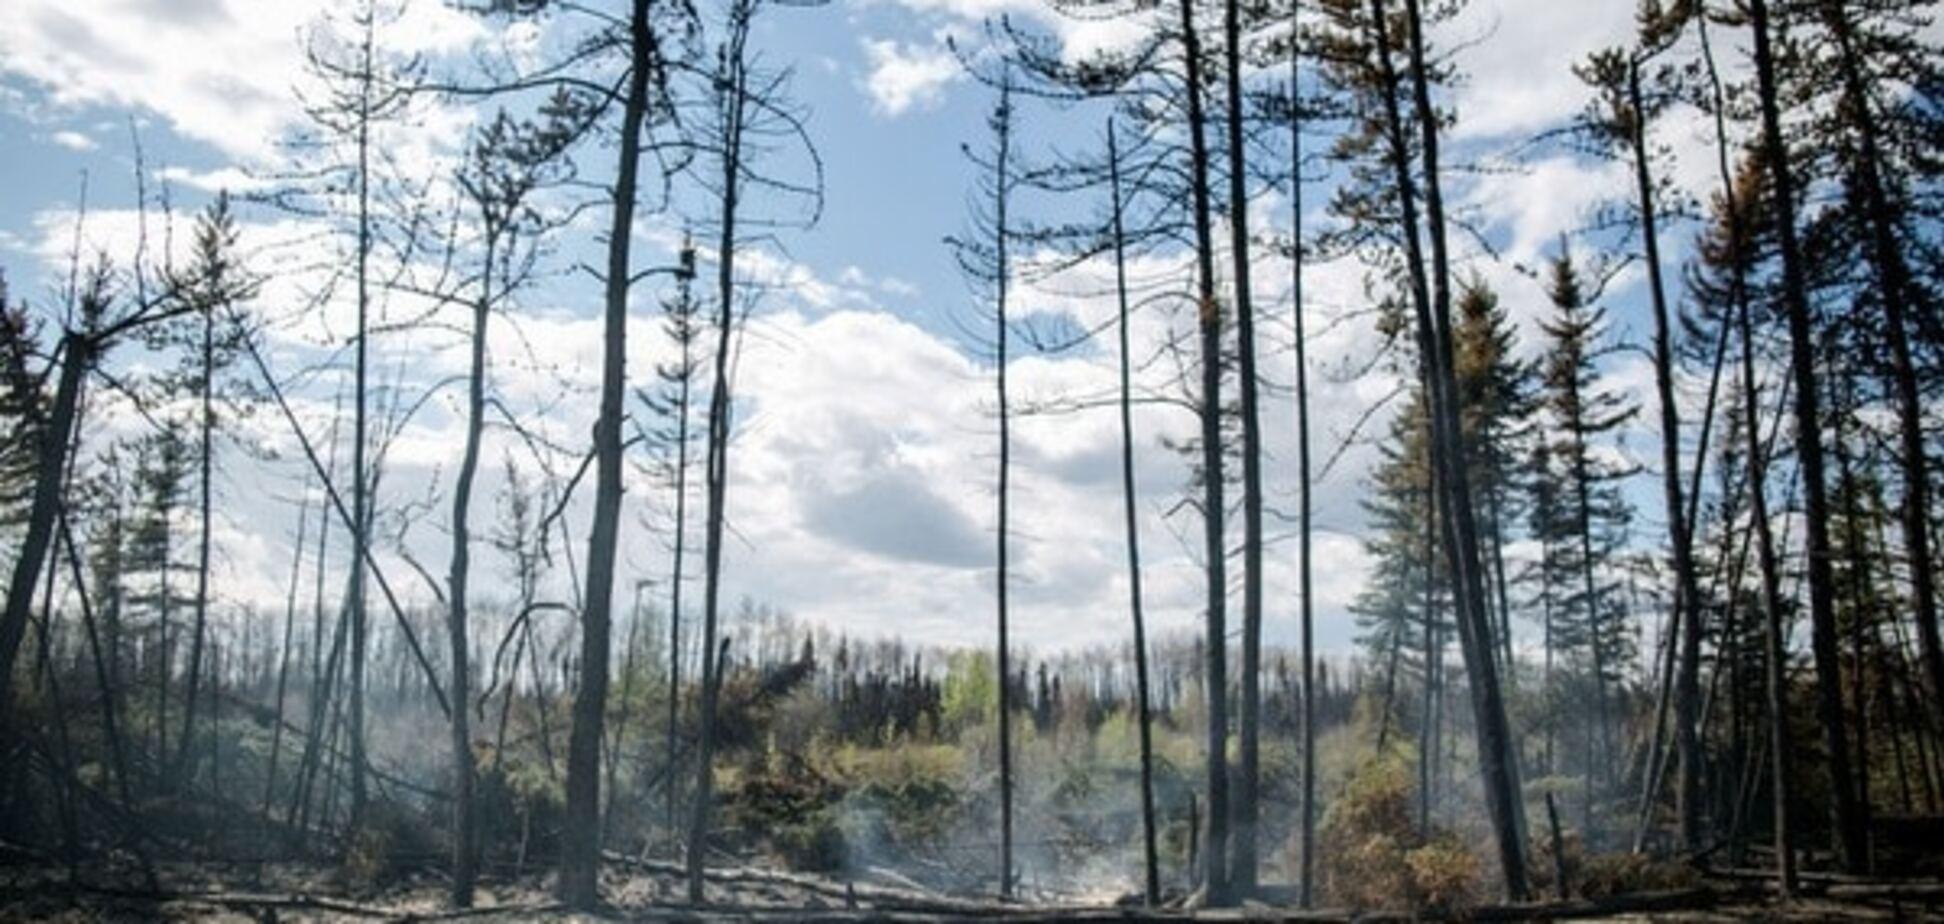 Дерево для Европы: украинские леса под угрозой уничтожения